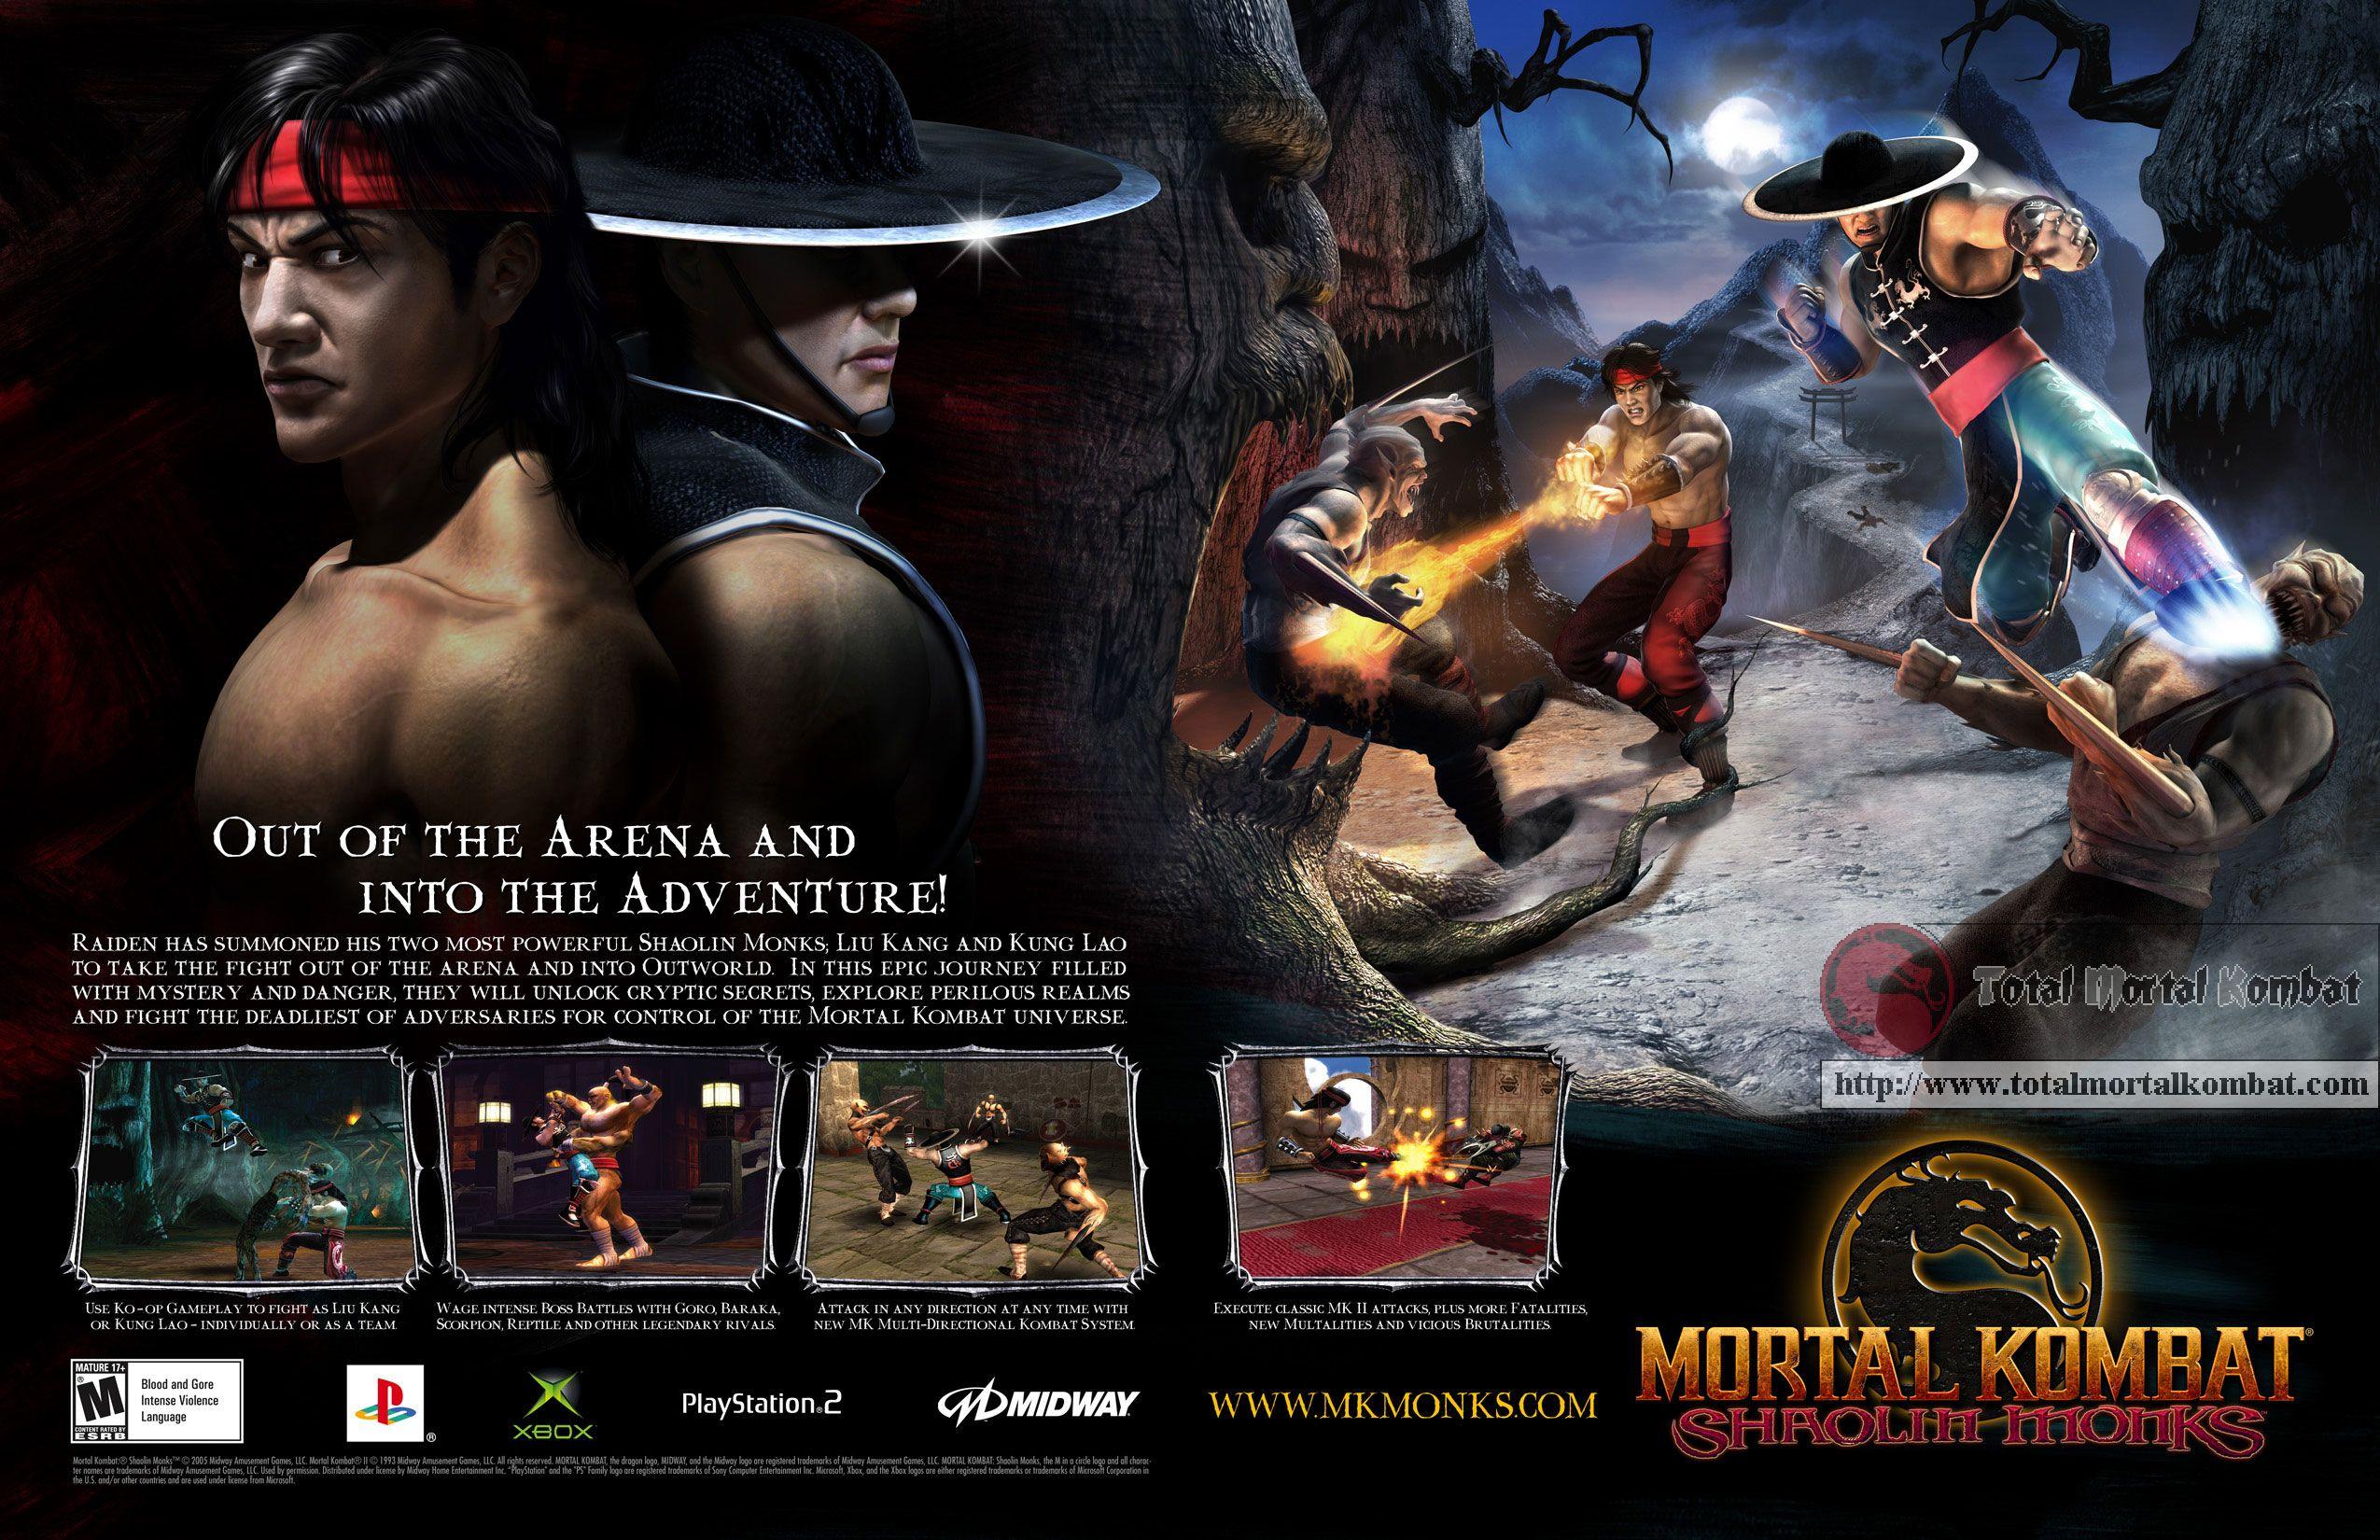 Mortal Kombat Shaolin Monks Shaolin Monks Mortal Kombat Shaolin Monks Shaolin